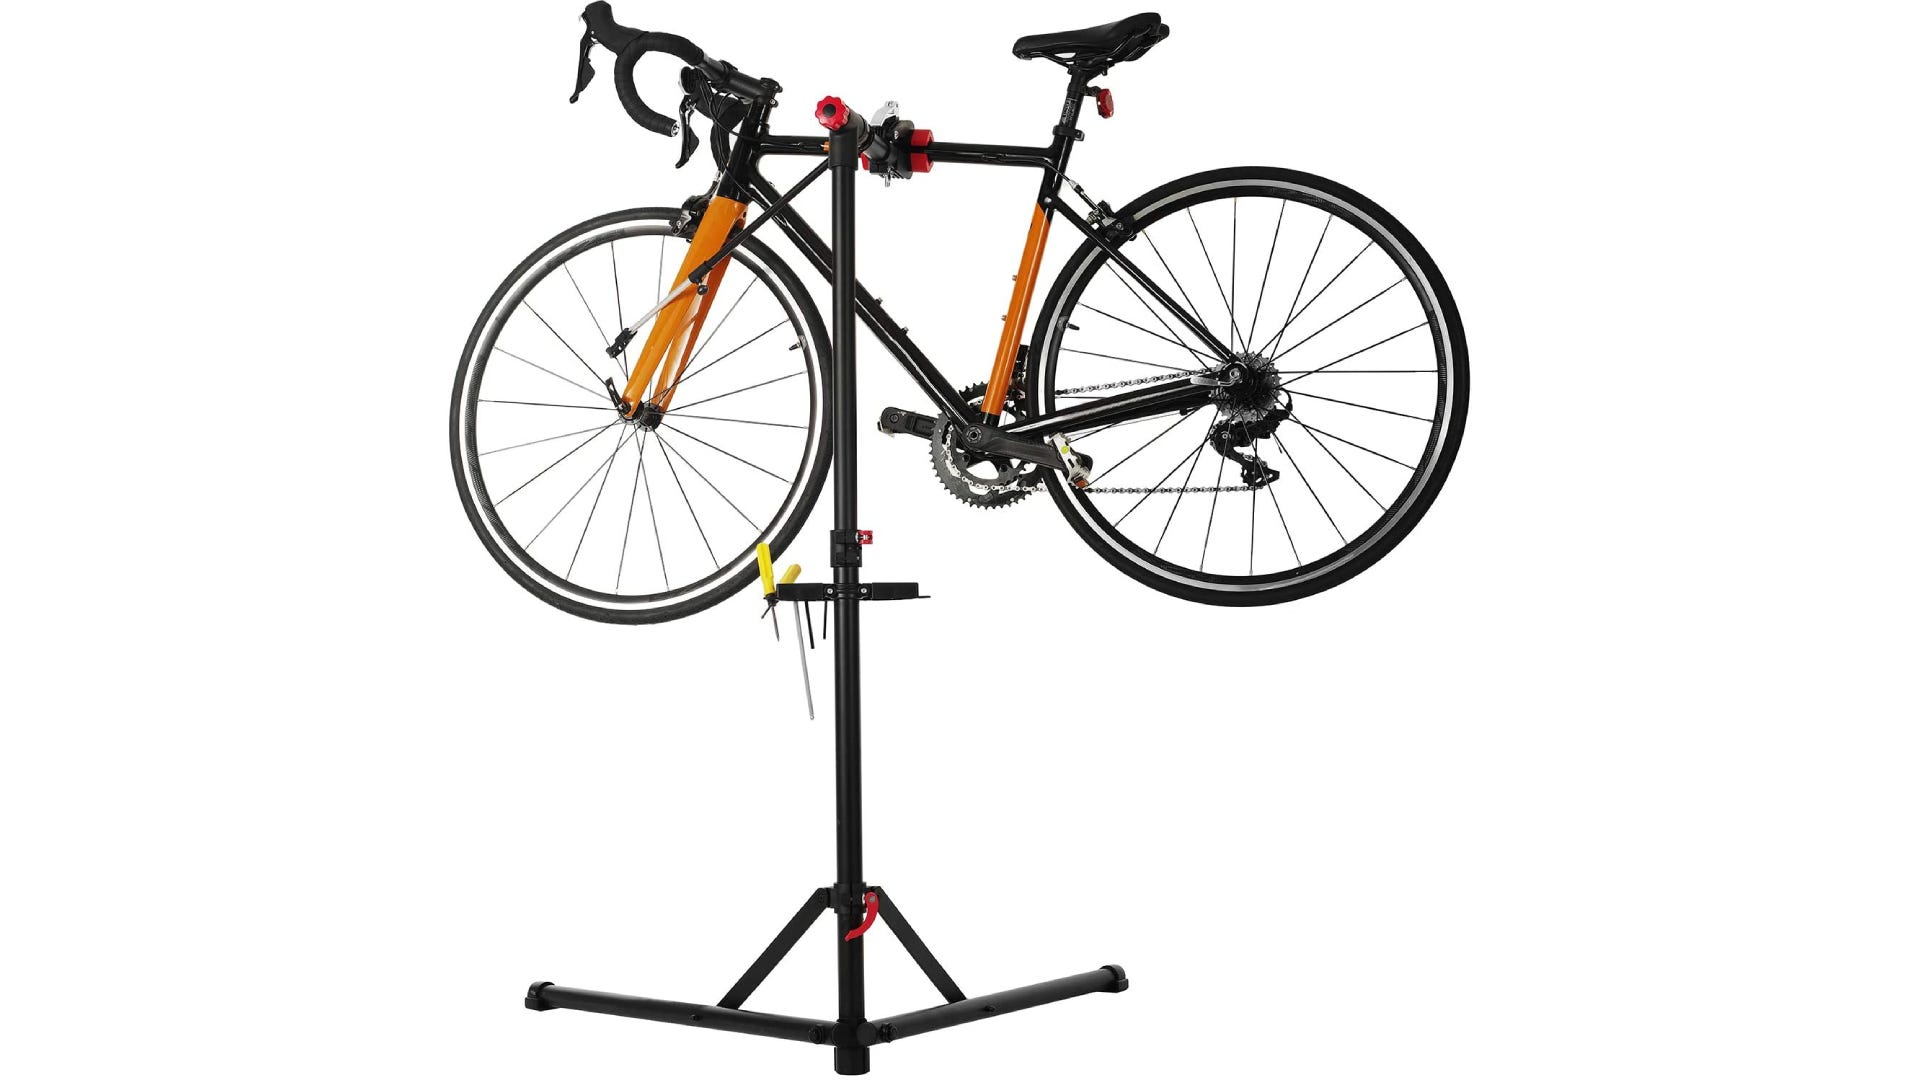 A orange and black bike clamped into a black bike stand.